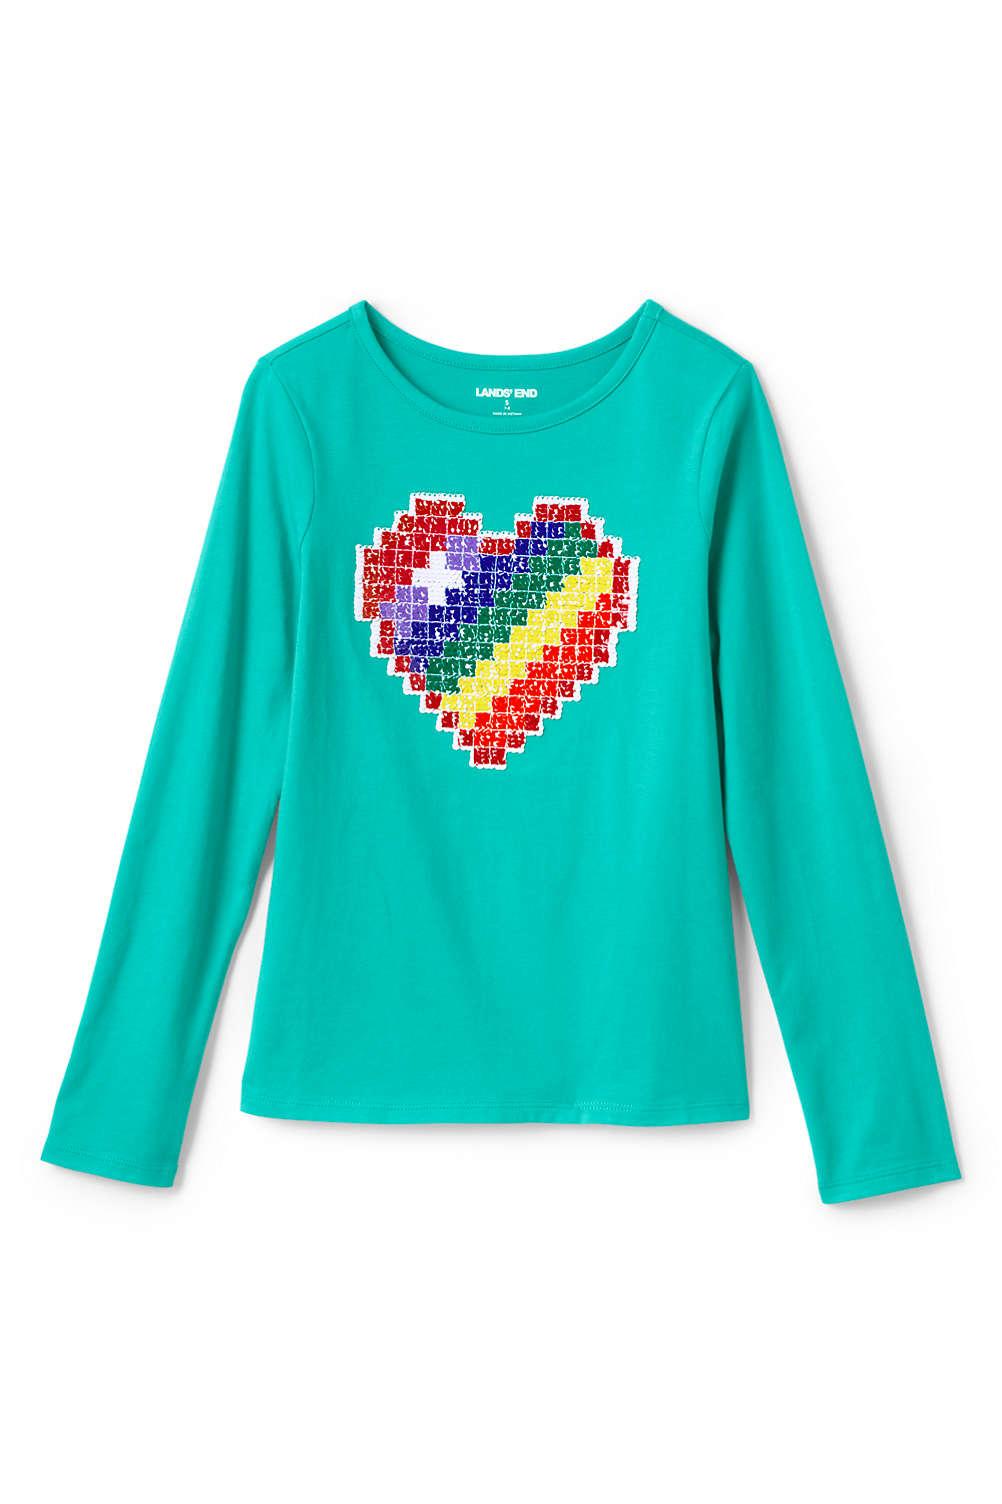 63265e961d77 Girls Flip Sequin Graphic Tee Shirt from Lands' End